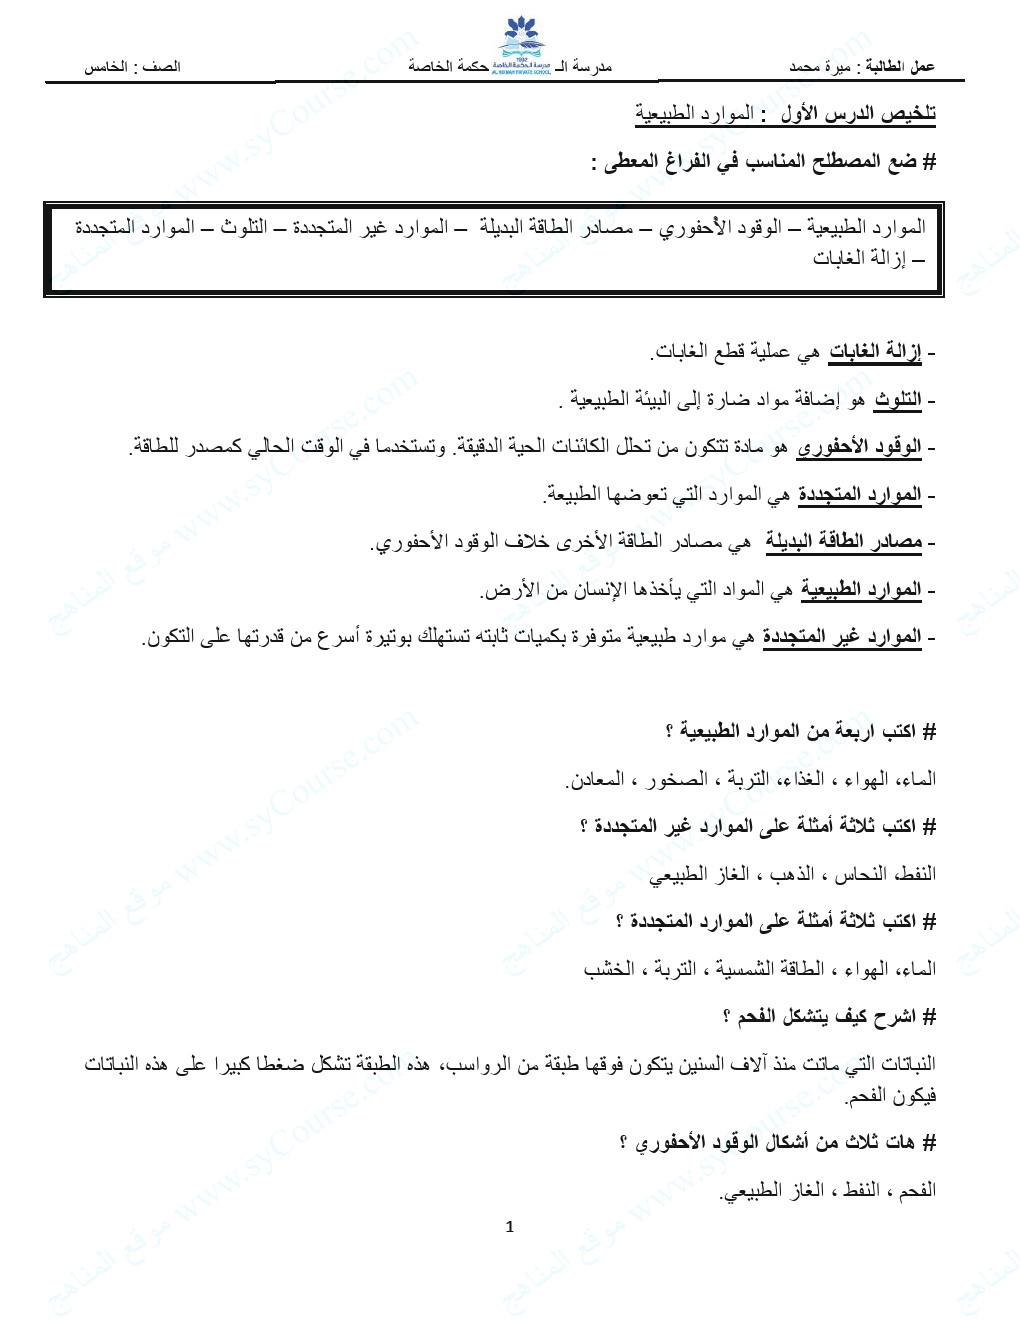 حل كتاب الدراسات الادبية اللغة العربية 5